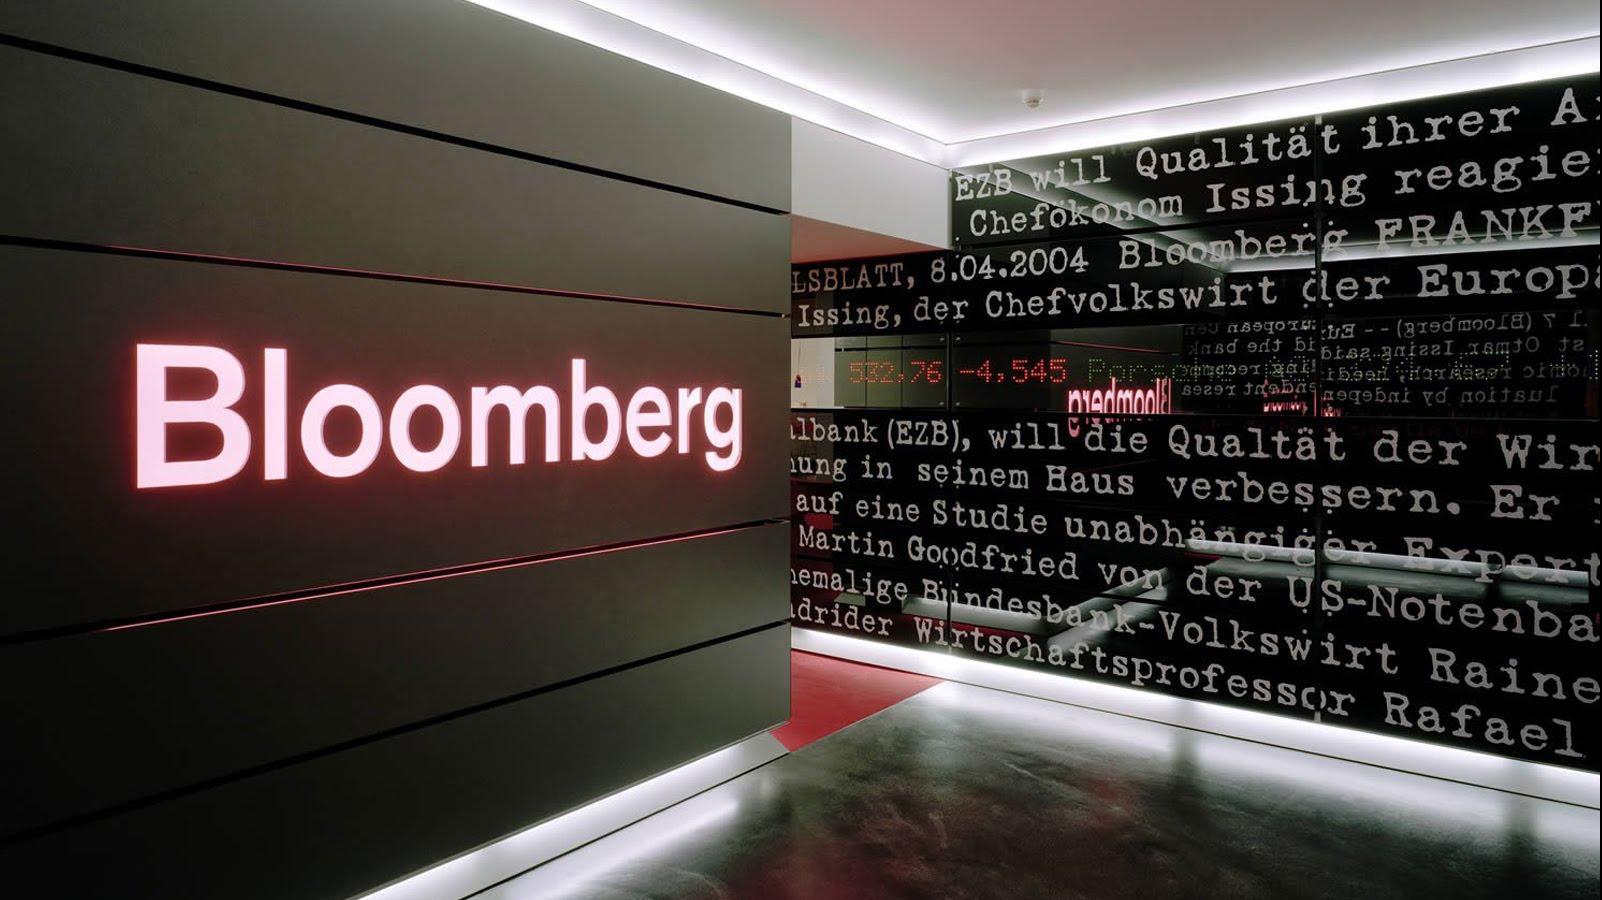 بلومبرج تنسحب من مؤتمر استثماري سعودي عقب ازمة اختفاء جمال خاشقجي